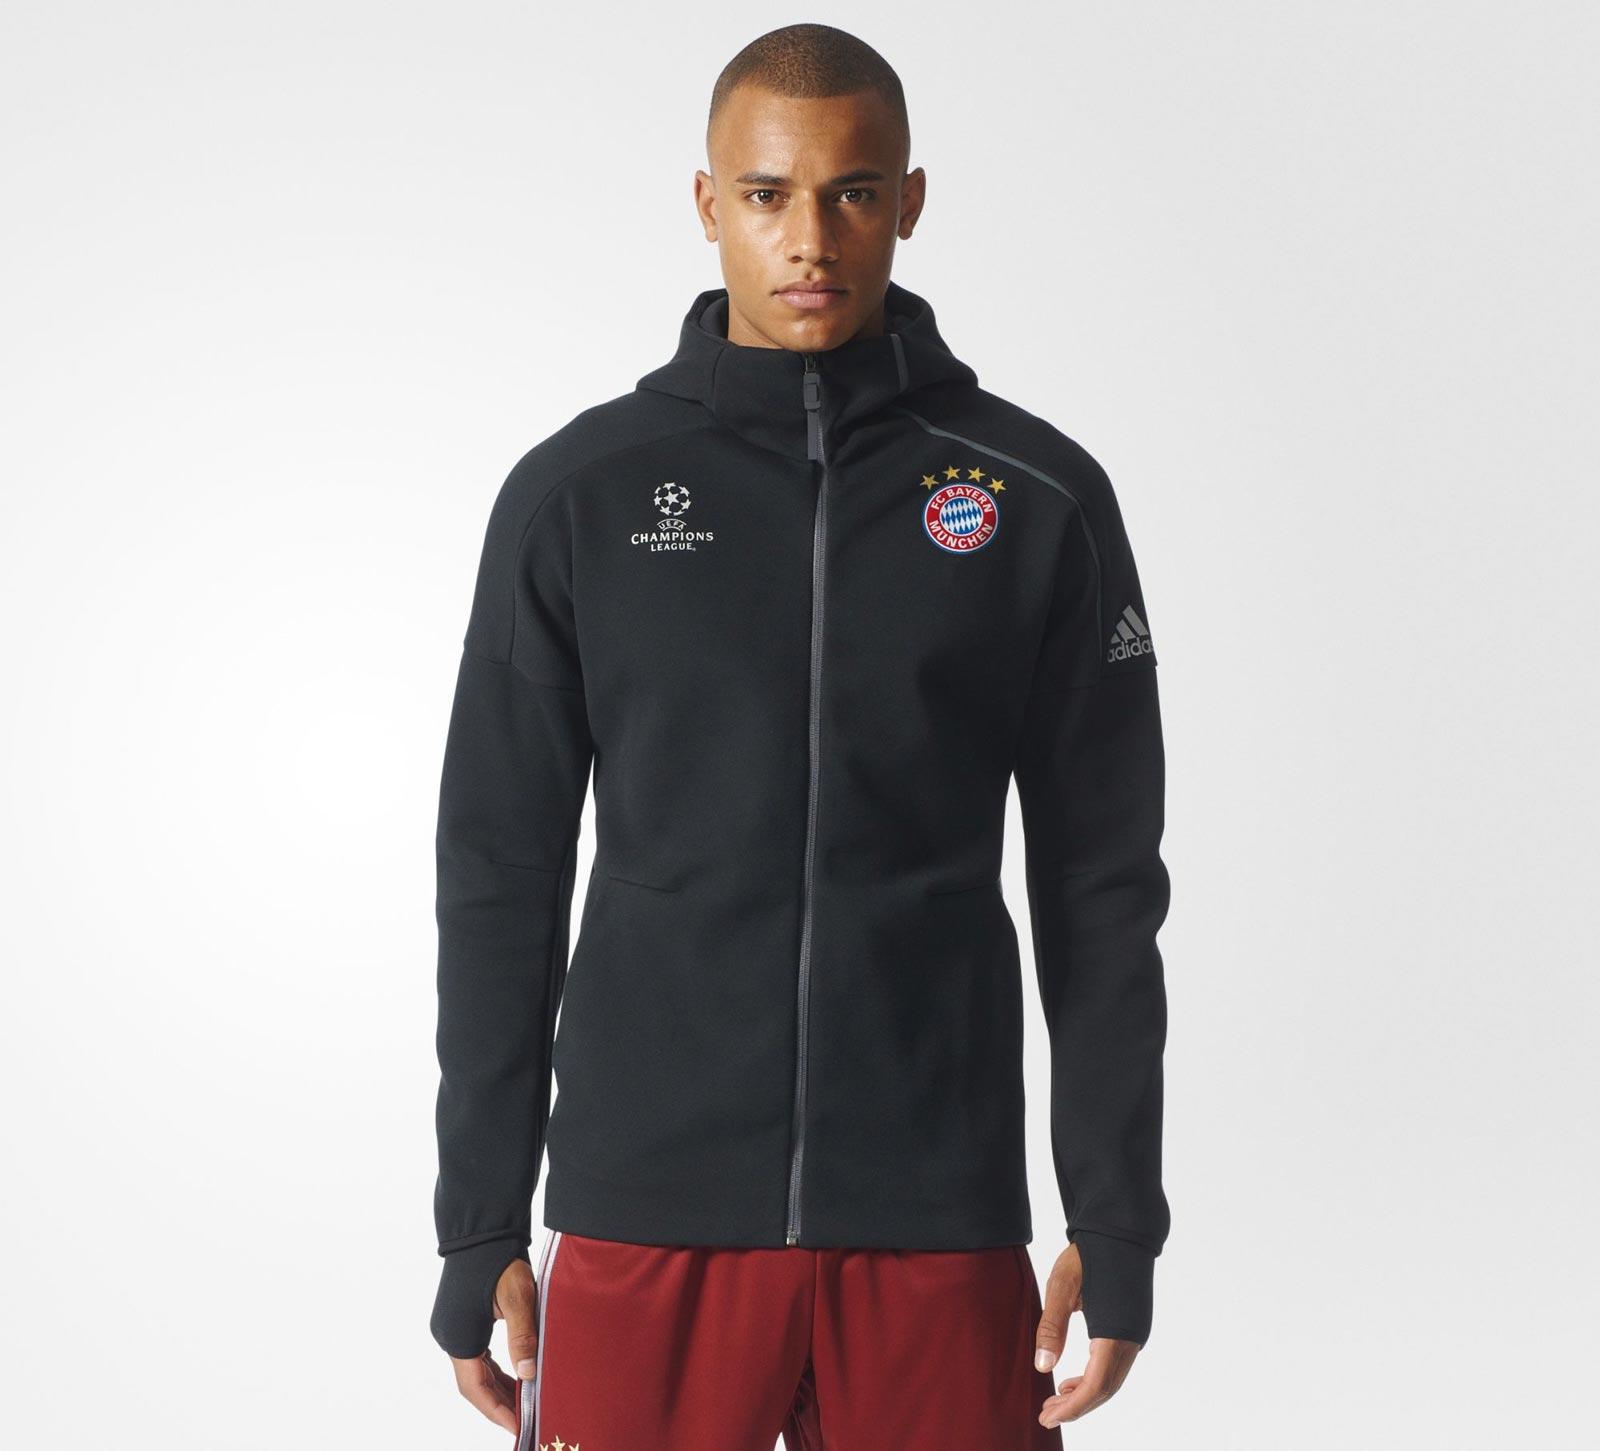 Zne Anthem Bayern Champions League 2016 Hoodie Revealed Munich 17 kZiuPXTO